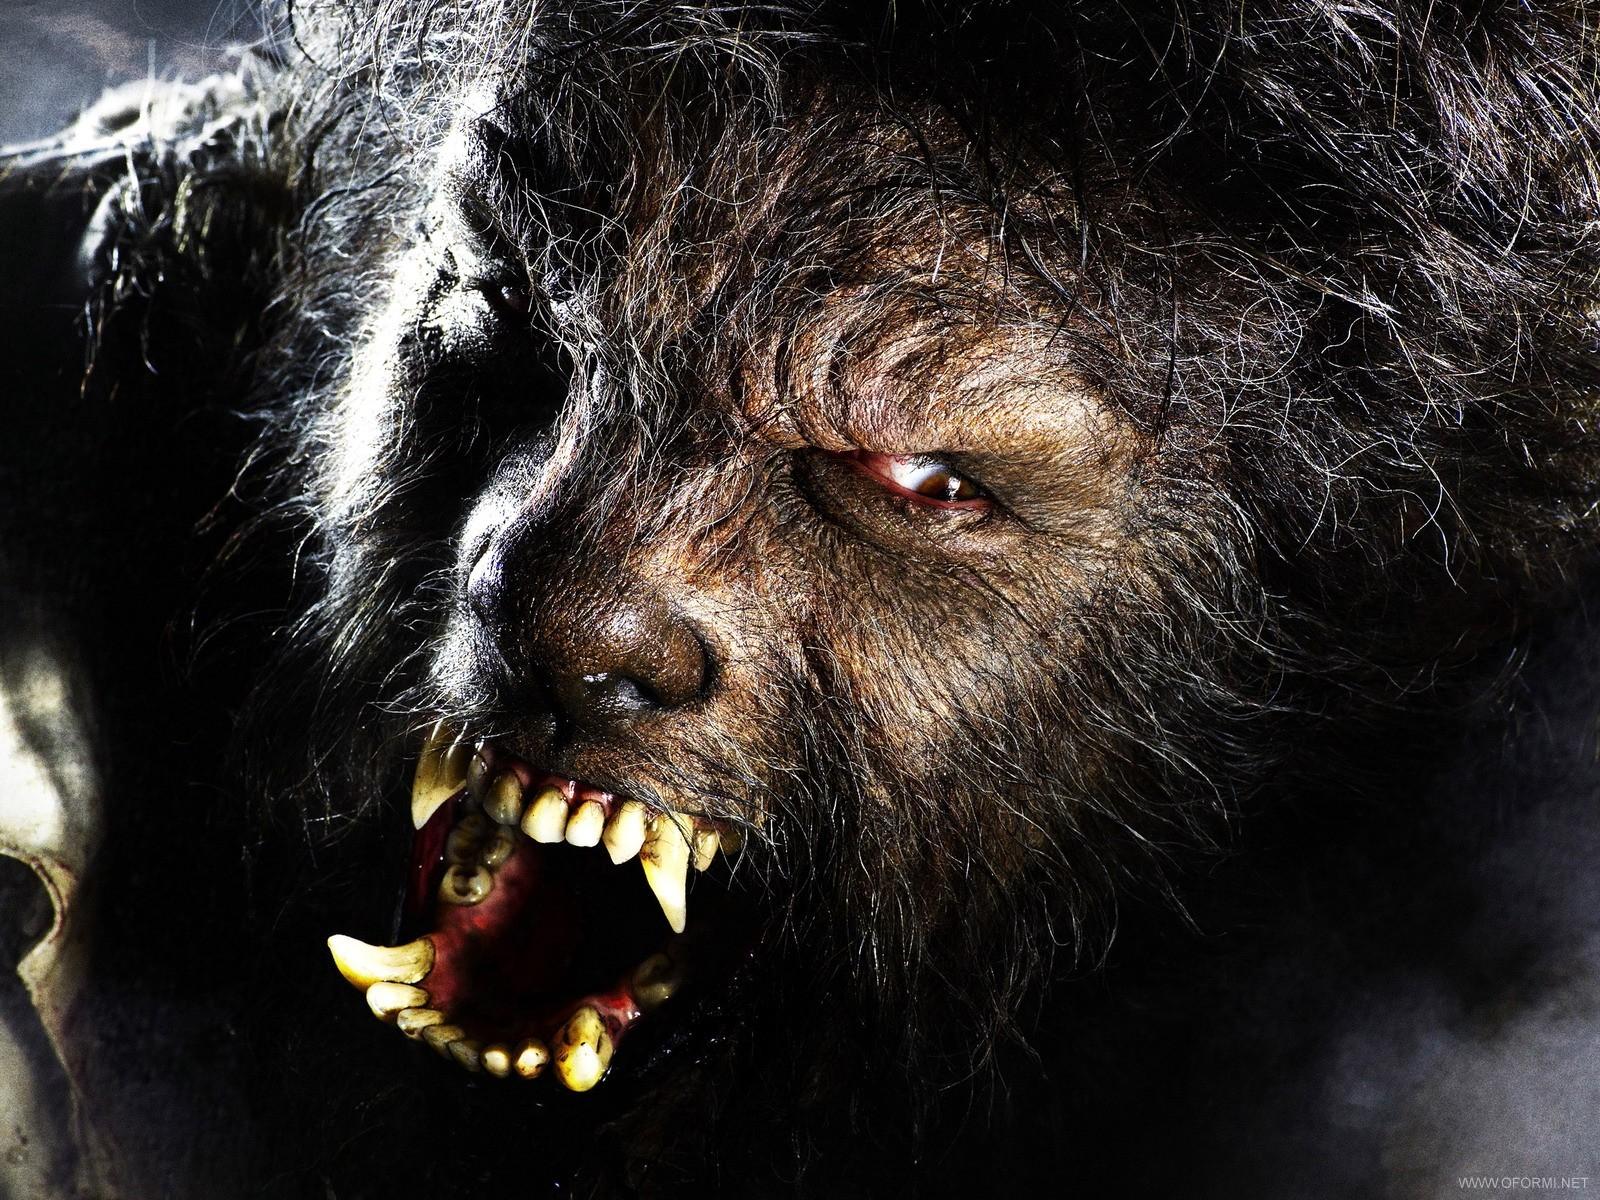 Человек волк википедия - 9c11